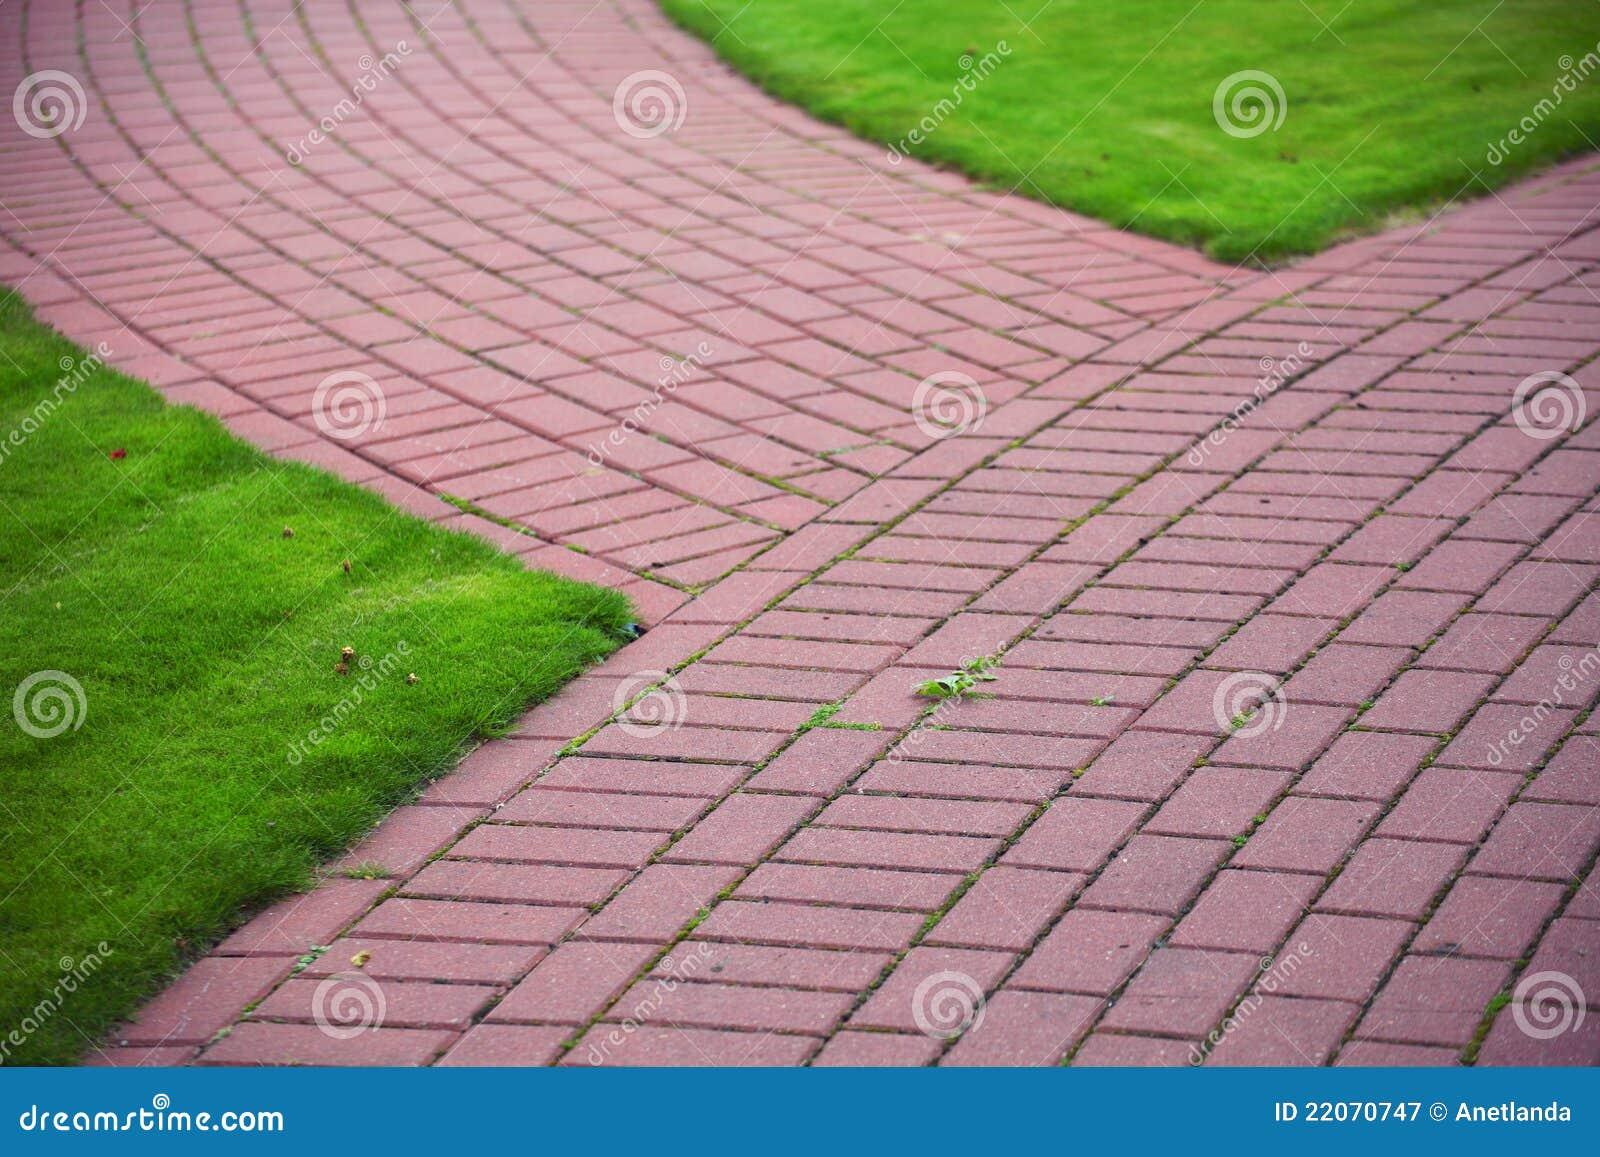 pedras para jardim em sorocaba : pedras para jardim em sorocaba:Stone Garden Path with Grass